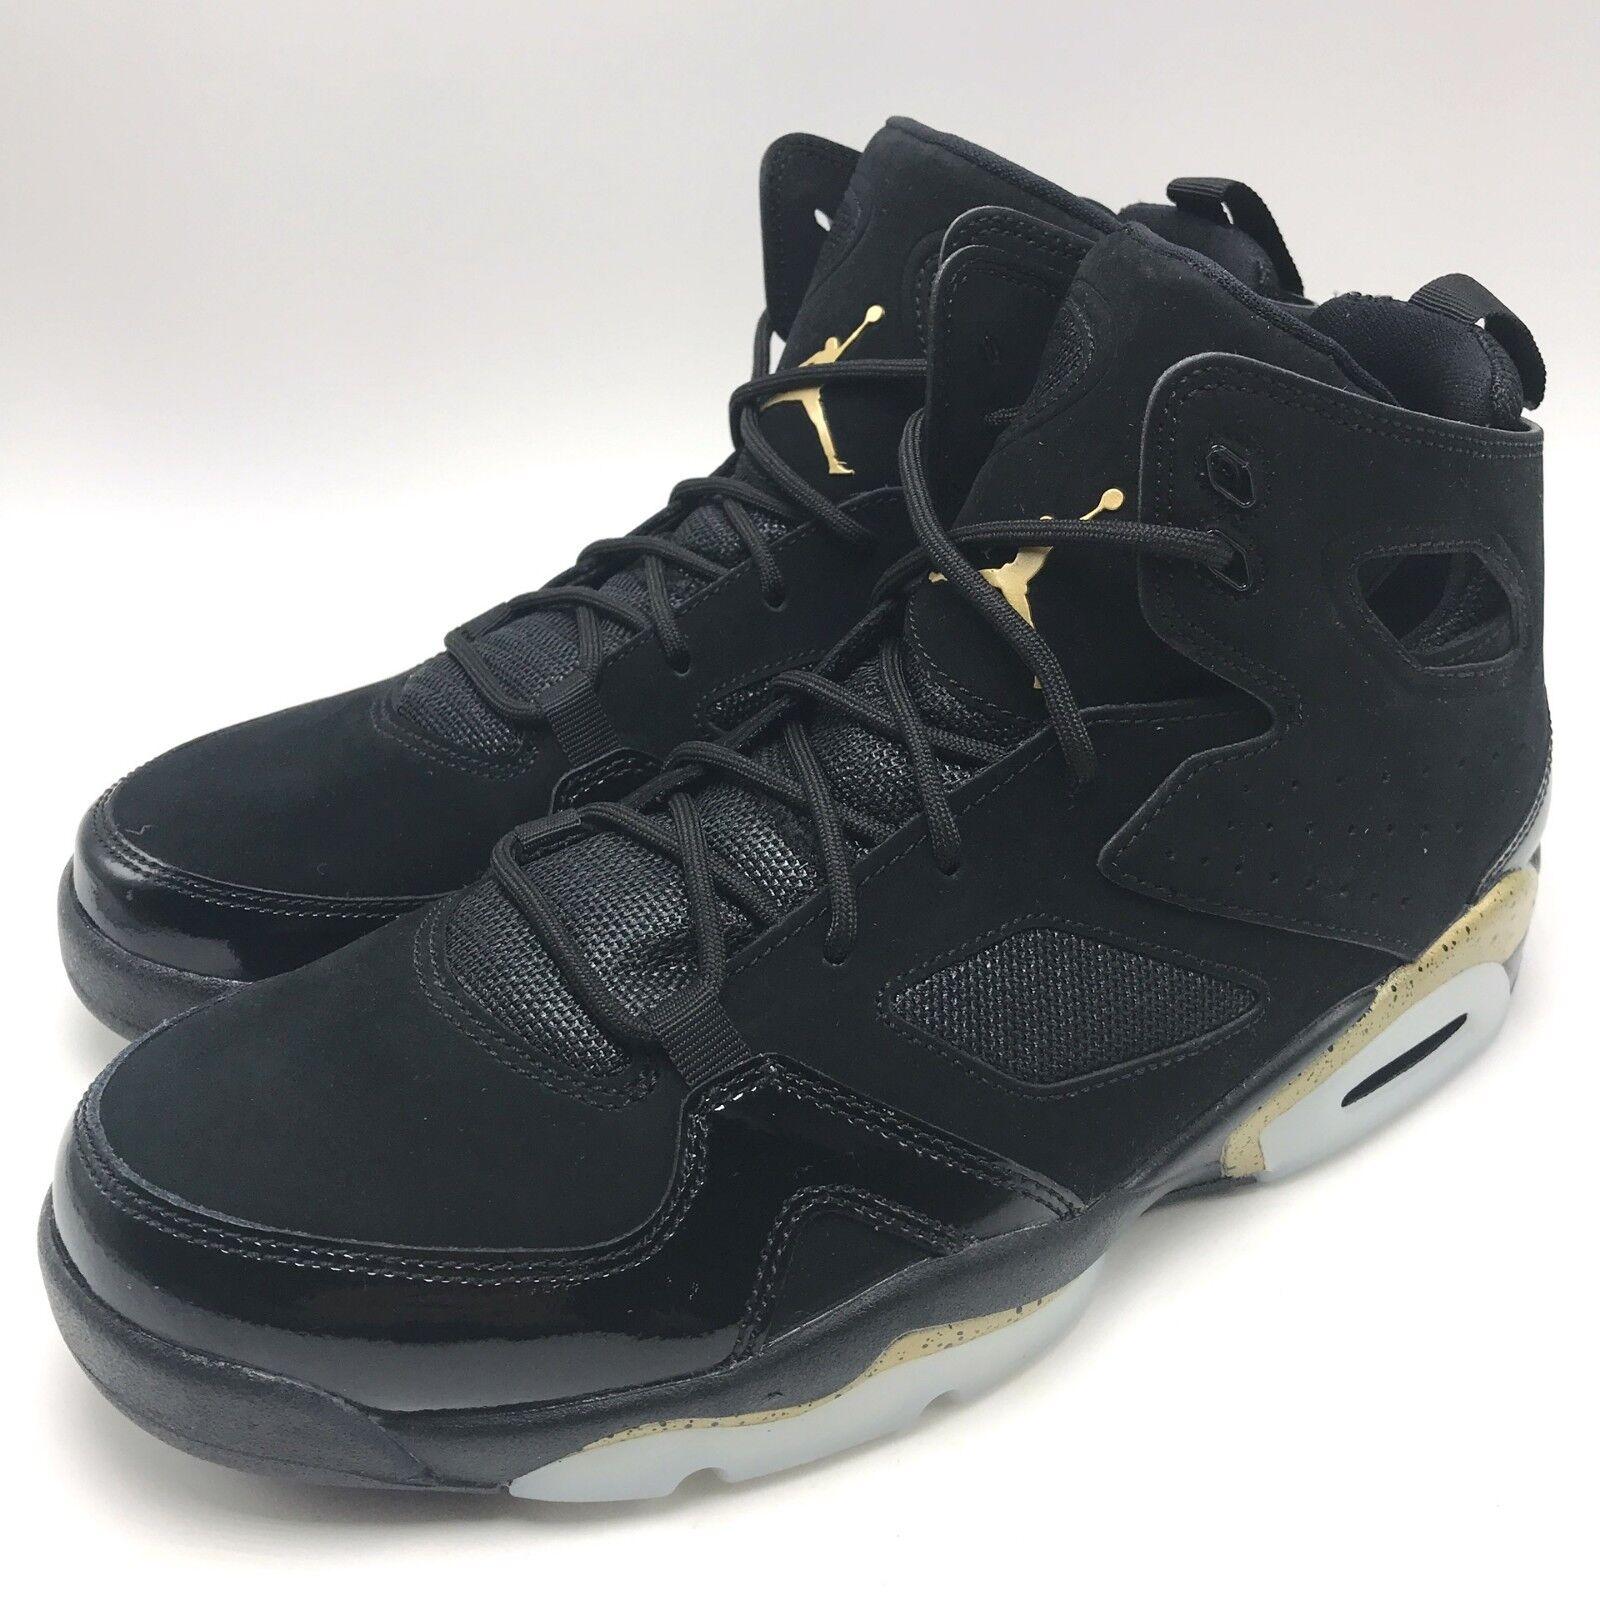 Nike Air Jordan Flight Club 91 Black